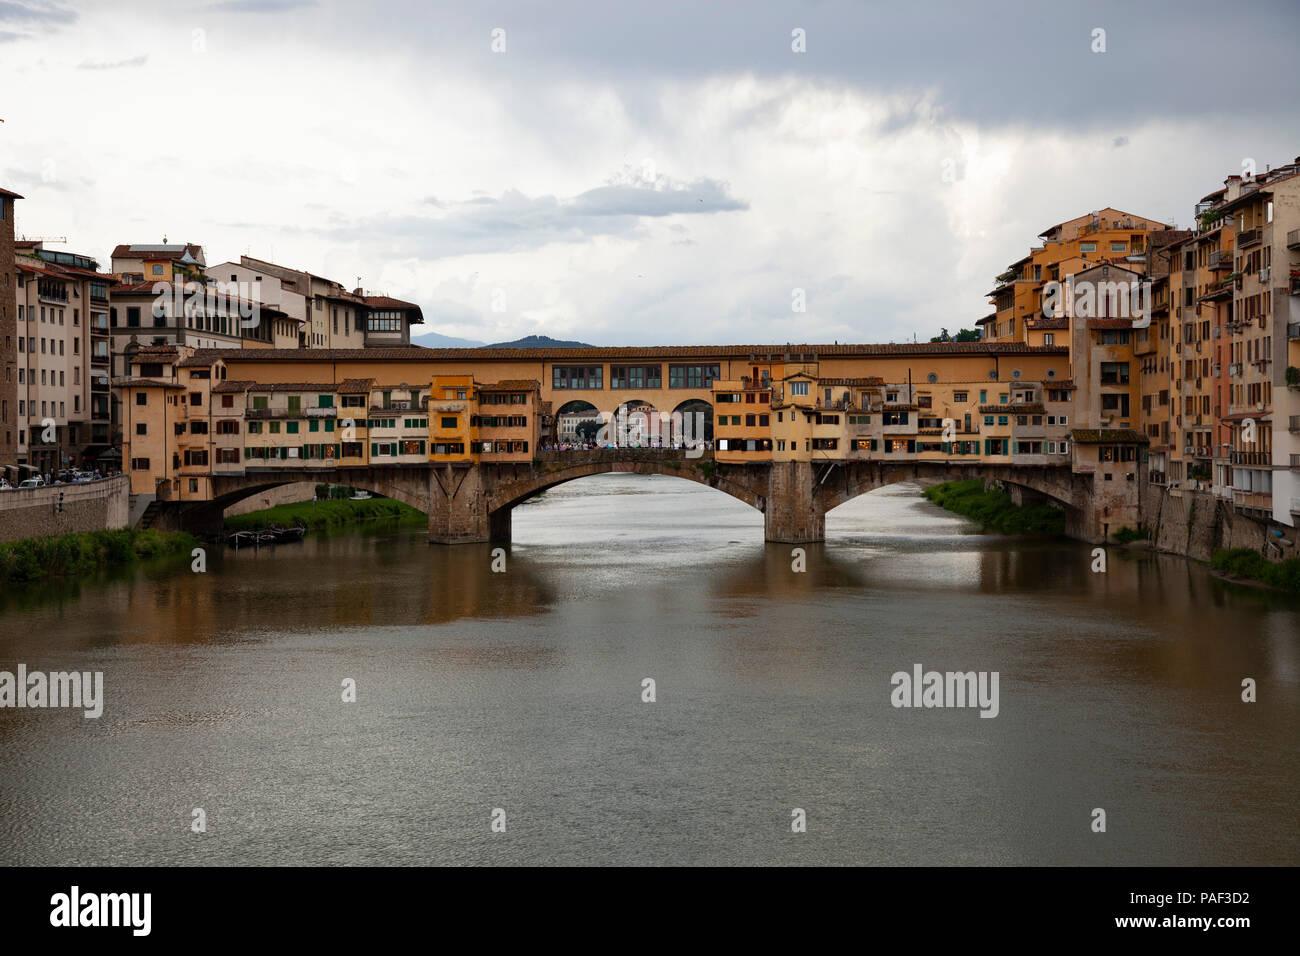 Il Ponte Vecchio una mattina, nella città di Firenze (Toscana - Italia). Esso è il più antico ponte (1345) della città. Foto Stock